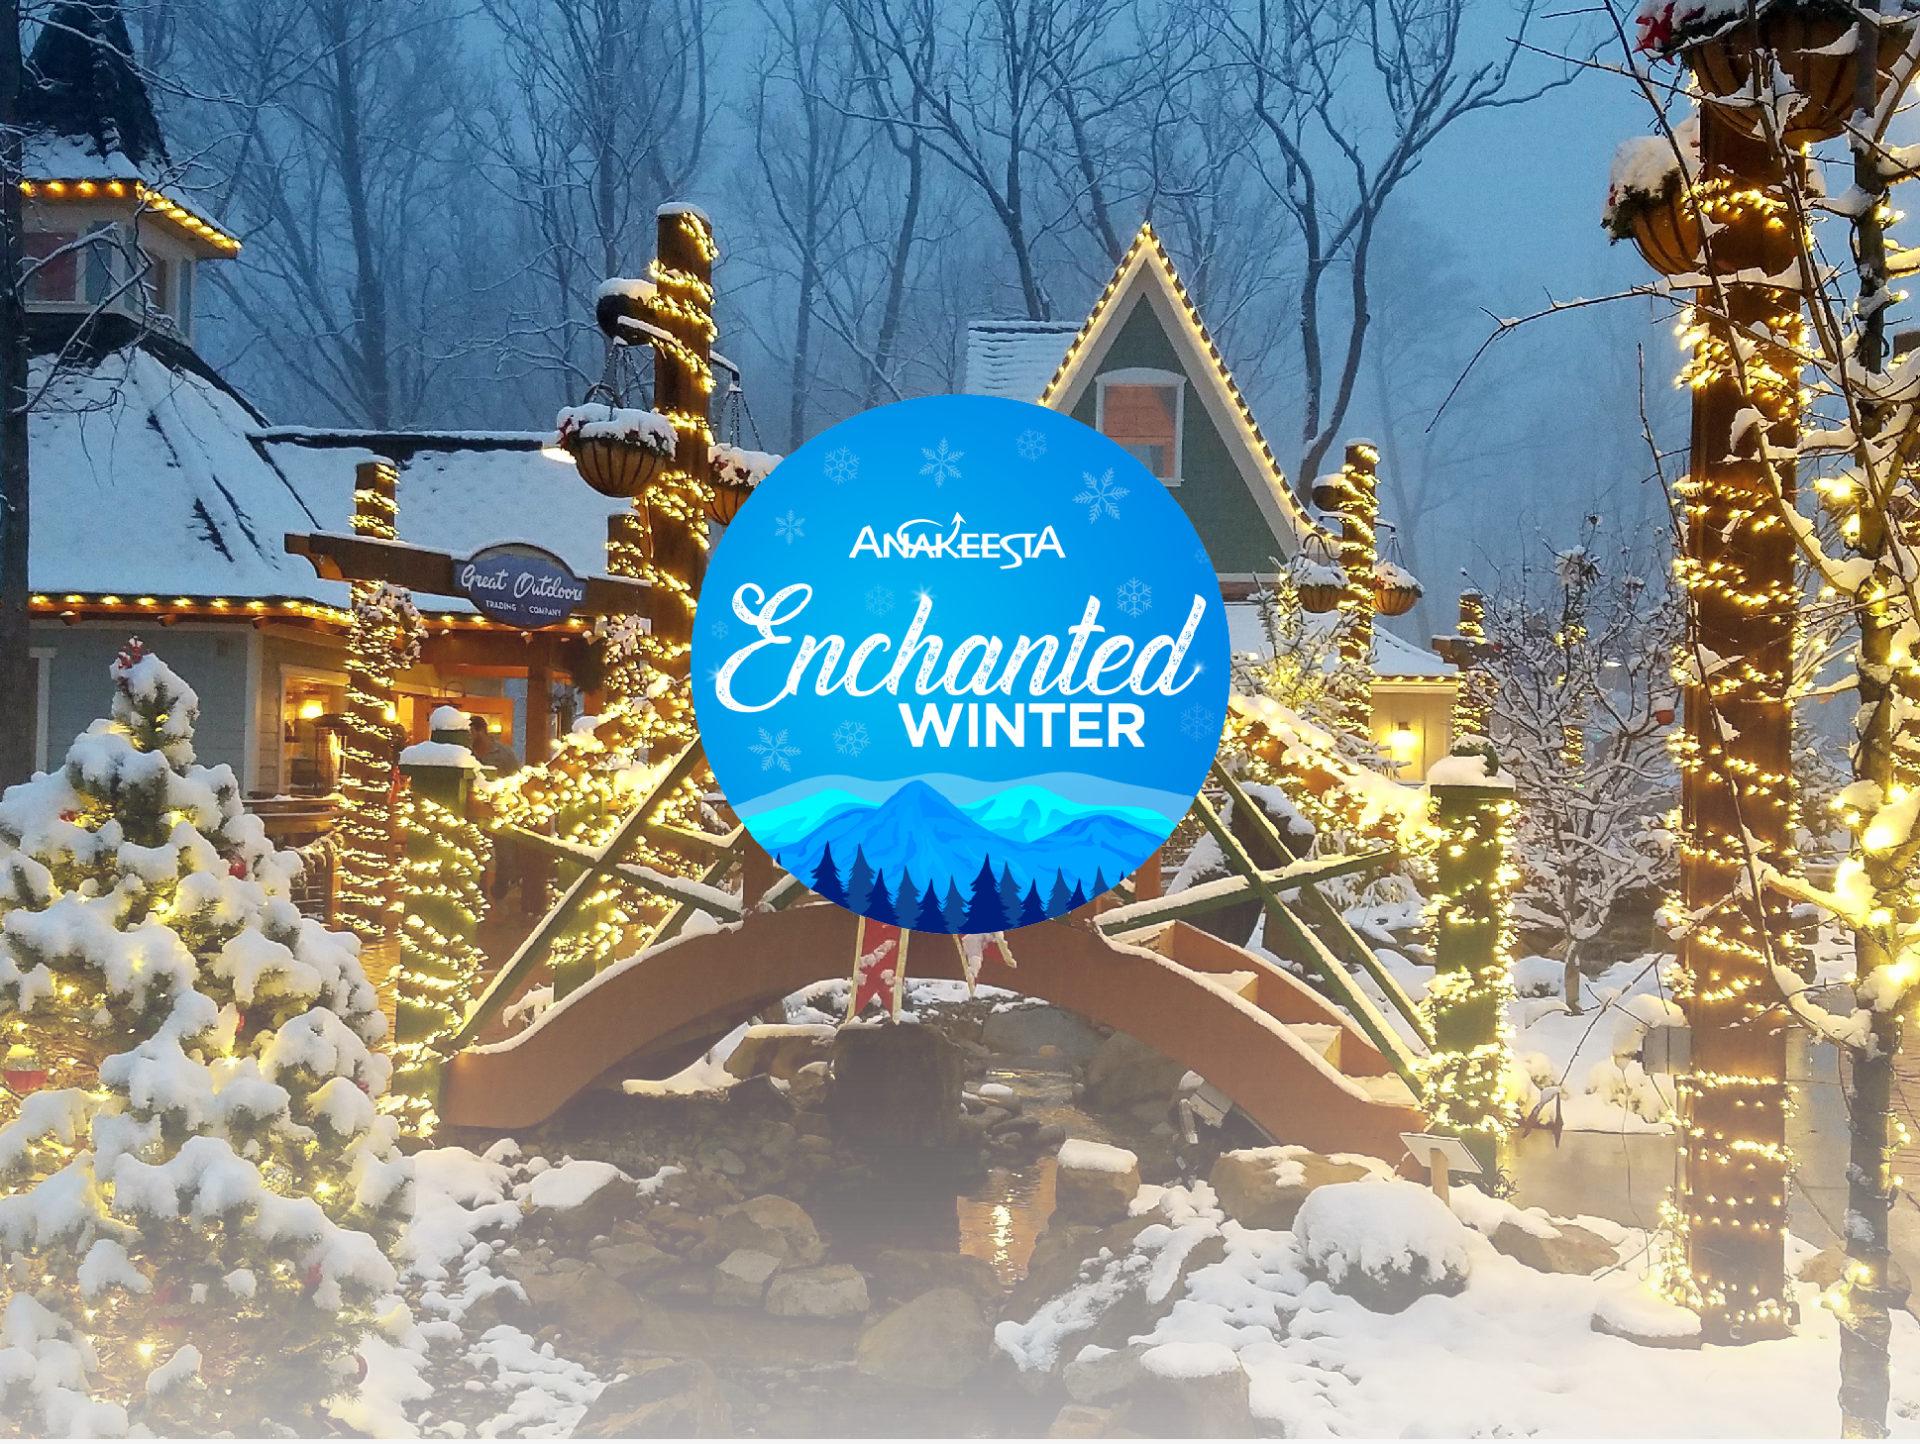 Enchanted Winter at Anakeesta | Anakeesta